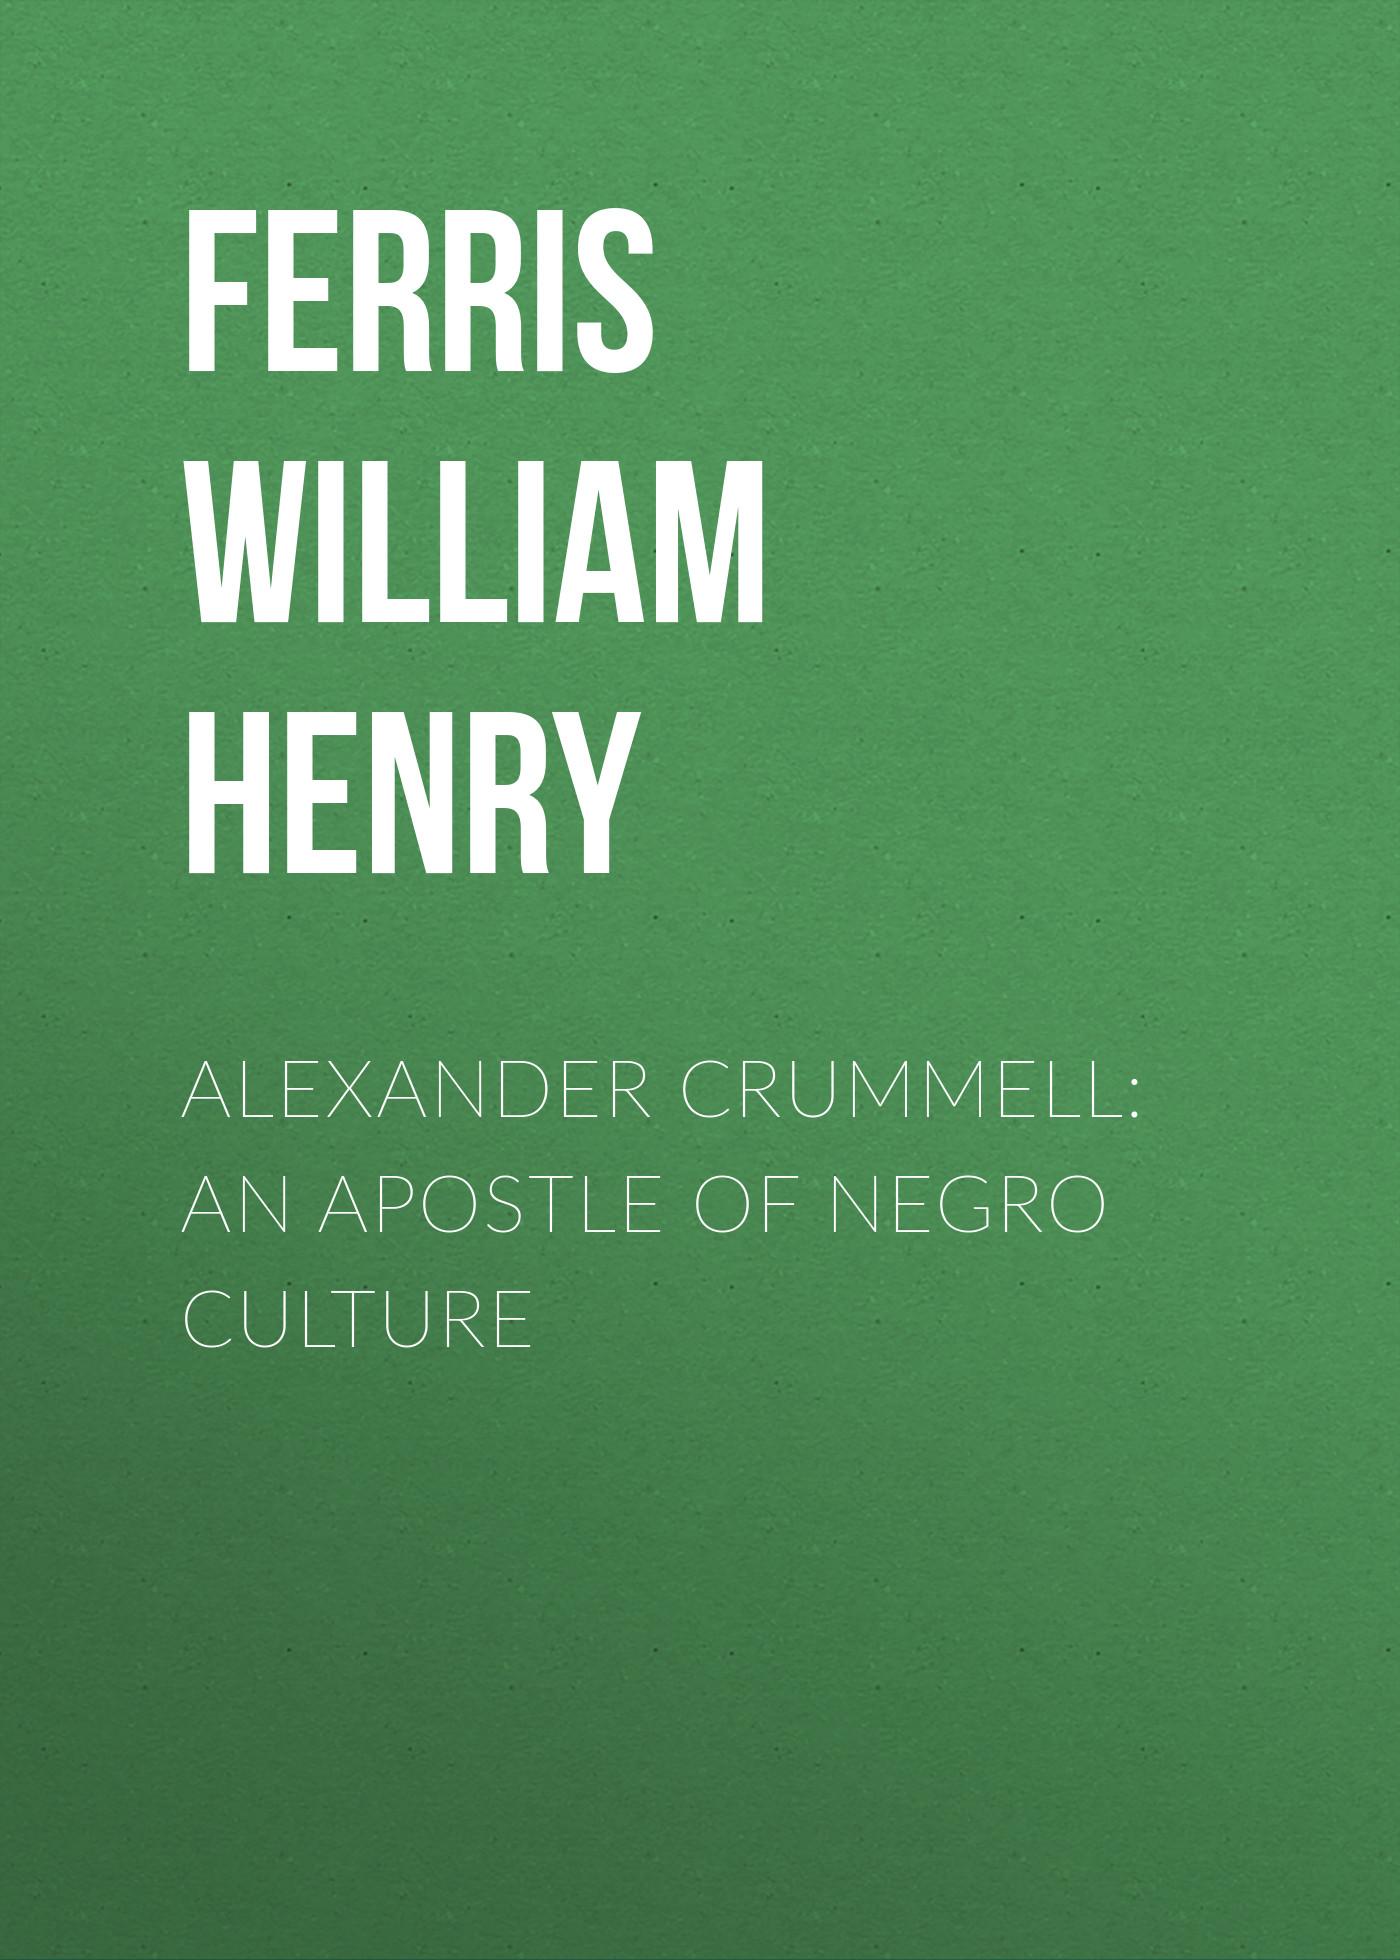 Alexander Crummell: An Apostle of Negro Culture